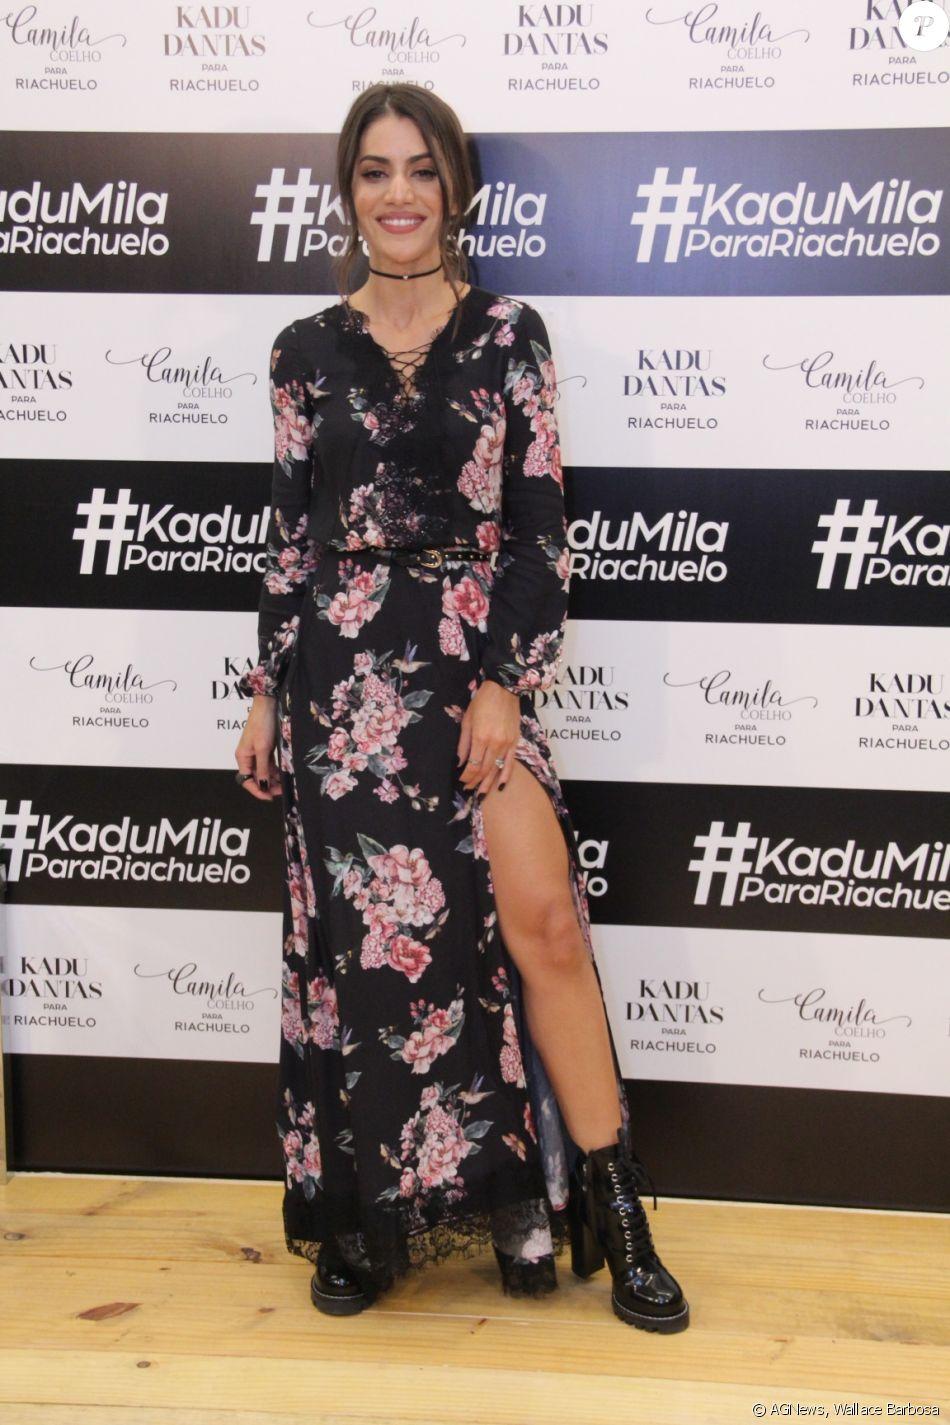 b8b3ebd04b0328 Camila Coelho estreou como estilista para a loja Riachuelo nesta  quarta-feira, dia 17